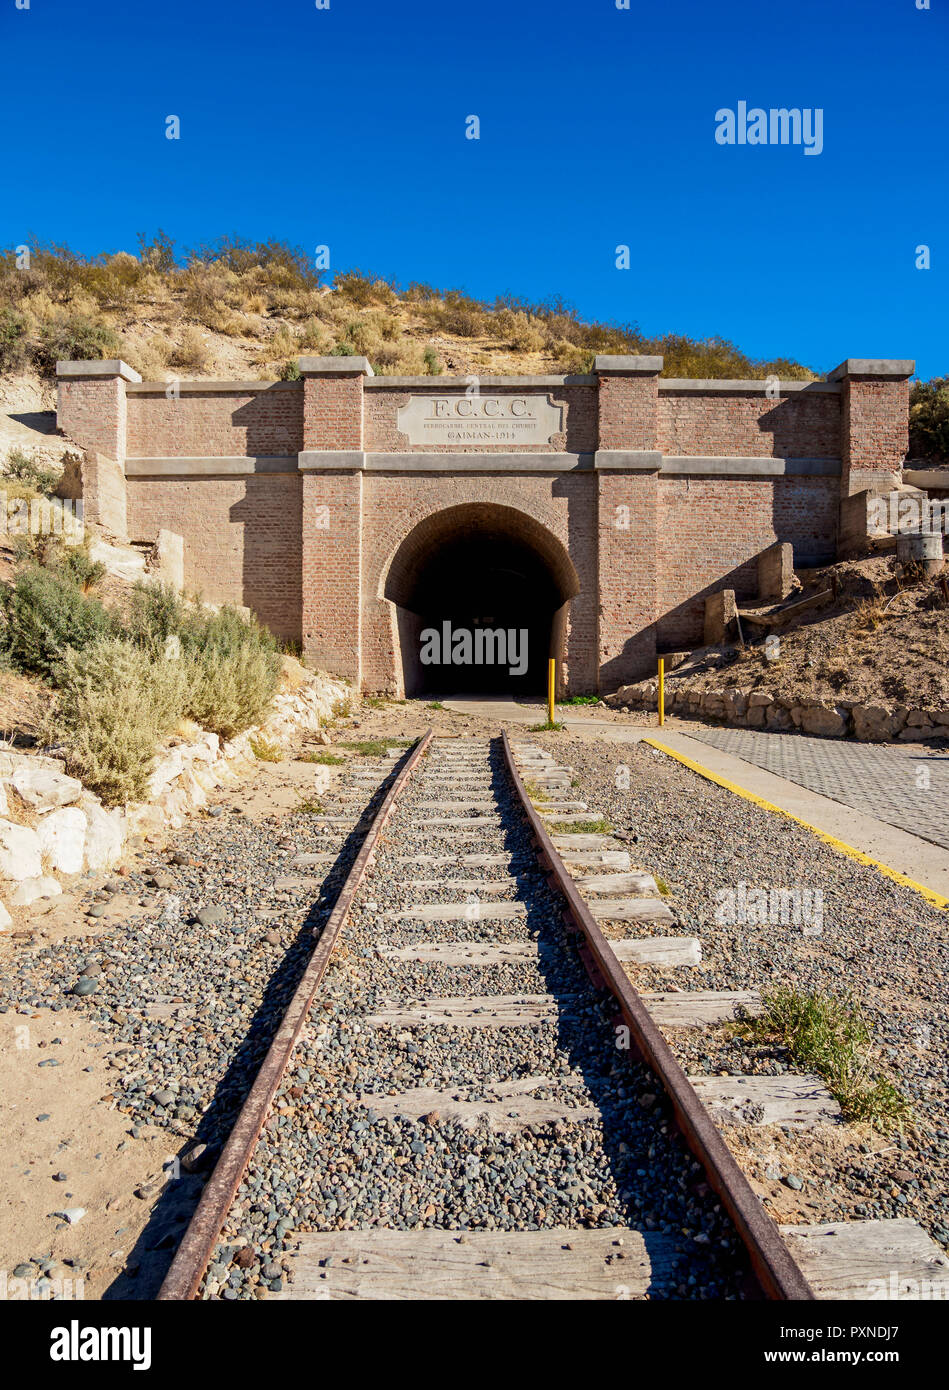 Túnel de ferrocarril central de Chubut, Gaiman, el asentamiento galés, Provincia del Chubut, Patagonia, Argentina Foto de stock